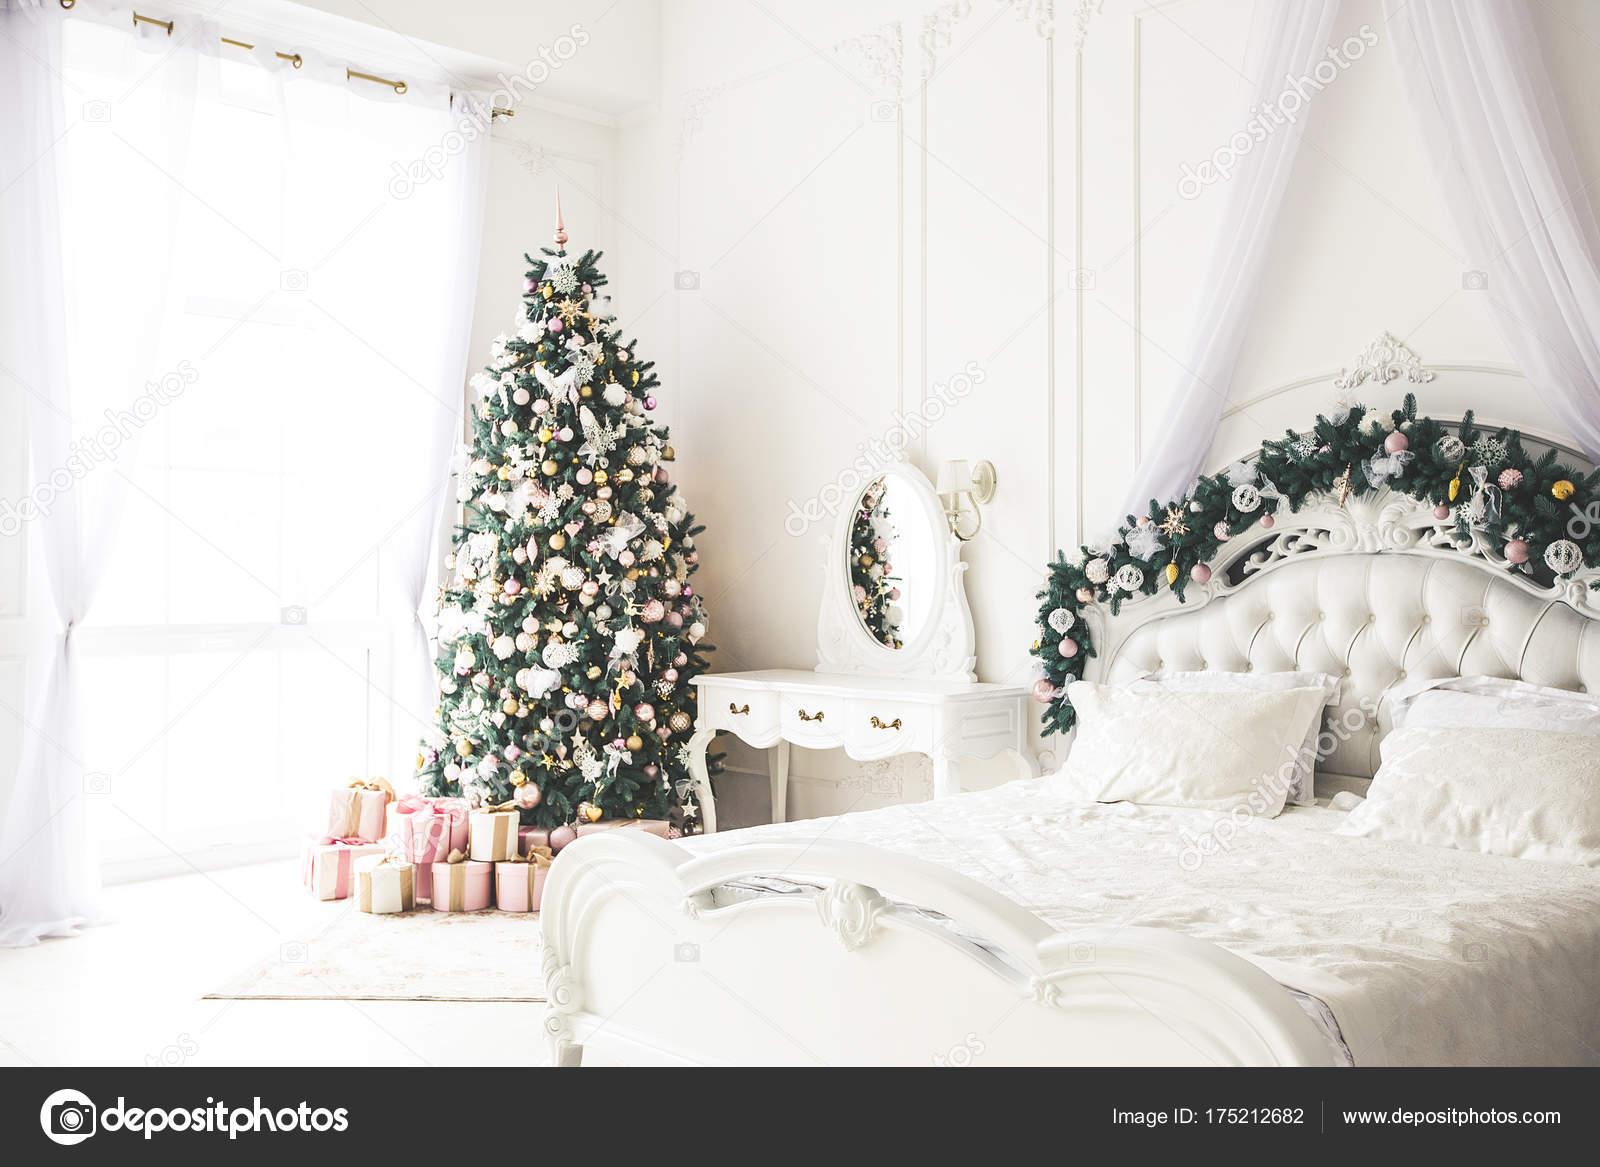 Weihnachten Wohnzimmer Mit Weihnachten, Geschenke Baum Und Bett. Schöne  Neue Jahr Dekoriert Klassische Wohnlandschaft. Winter Hintergrund U2014 Foto  Von ...